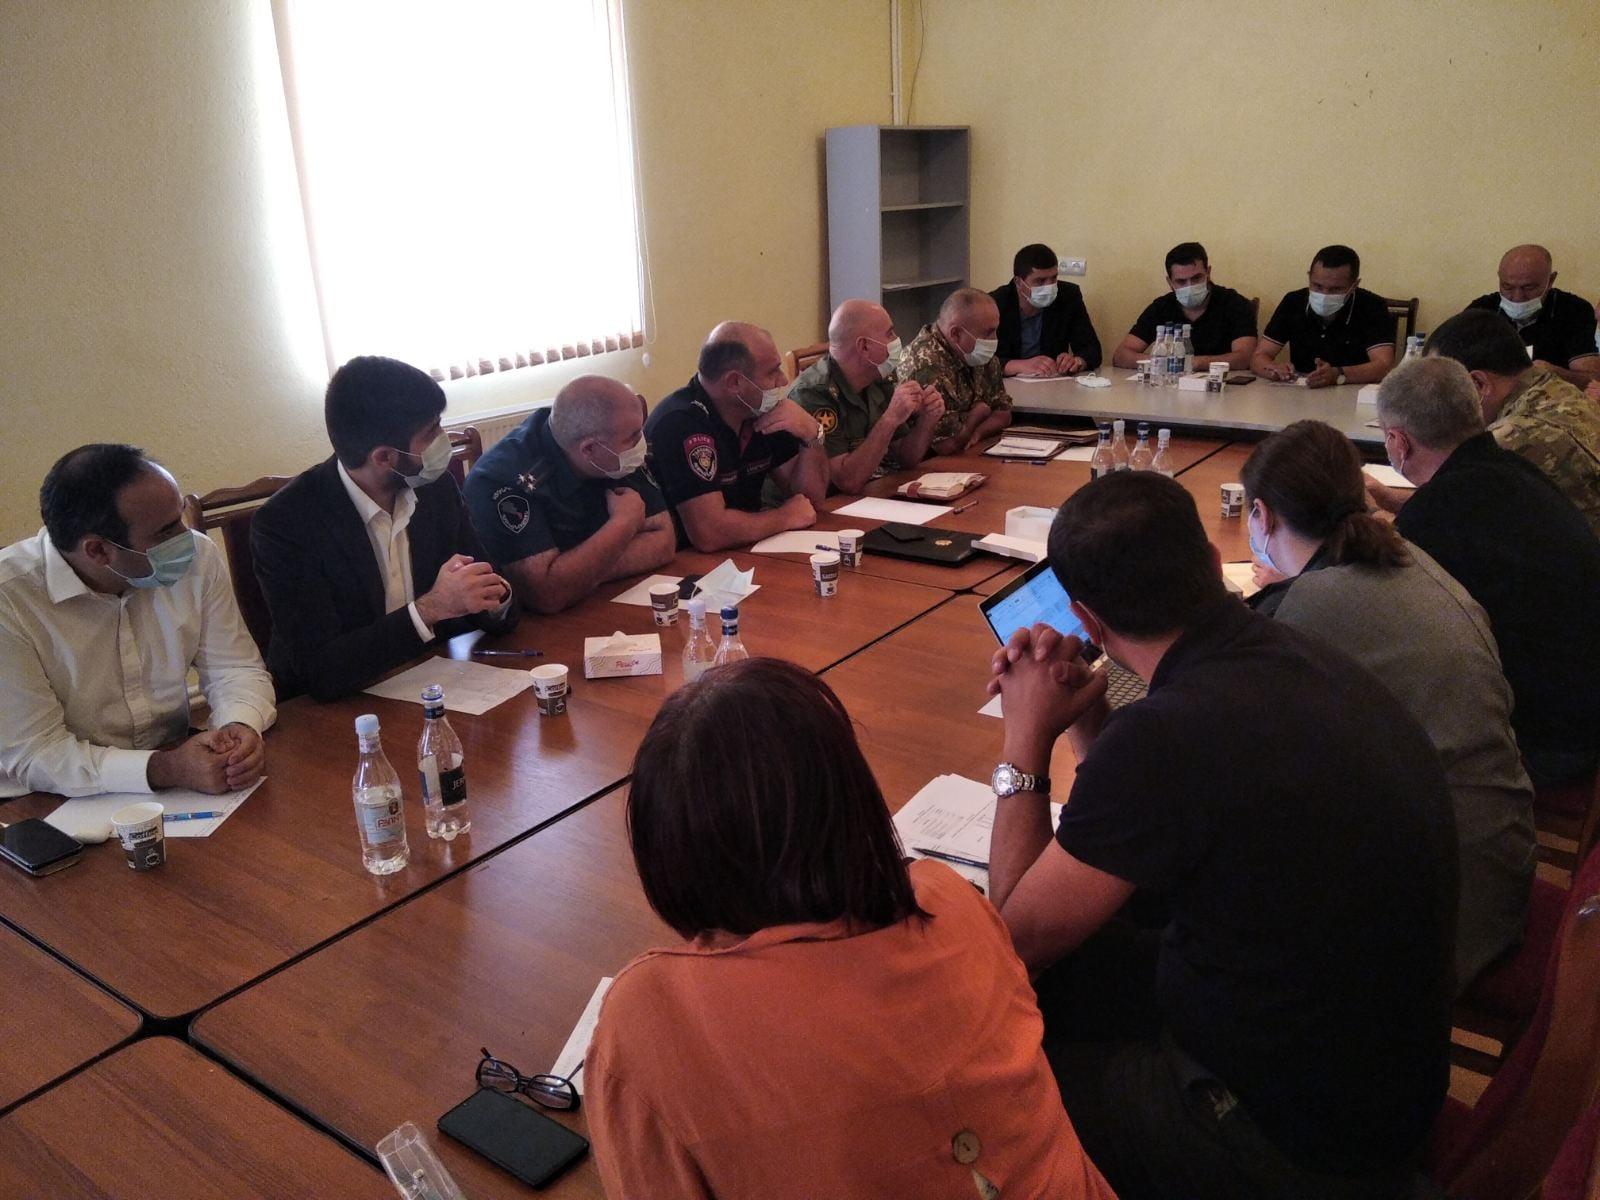 Նախարարի տեղակալ Արման Խոջոյանը մասնակցել է Սյունիքի հարցերով միջգերատեսչական աշխատանքային խմբի հերթական նիստին